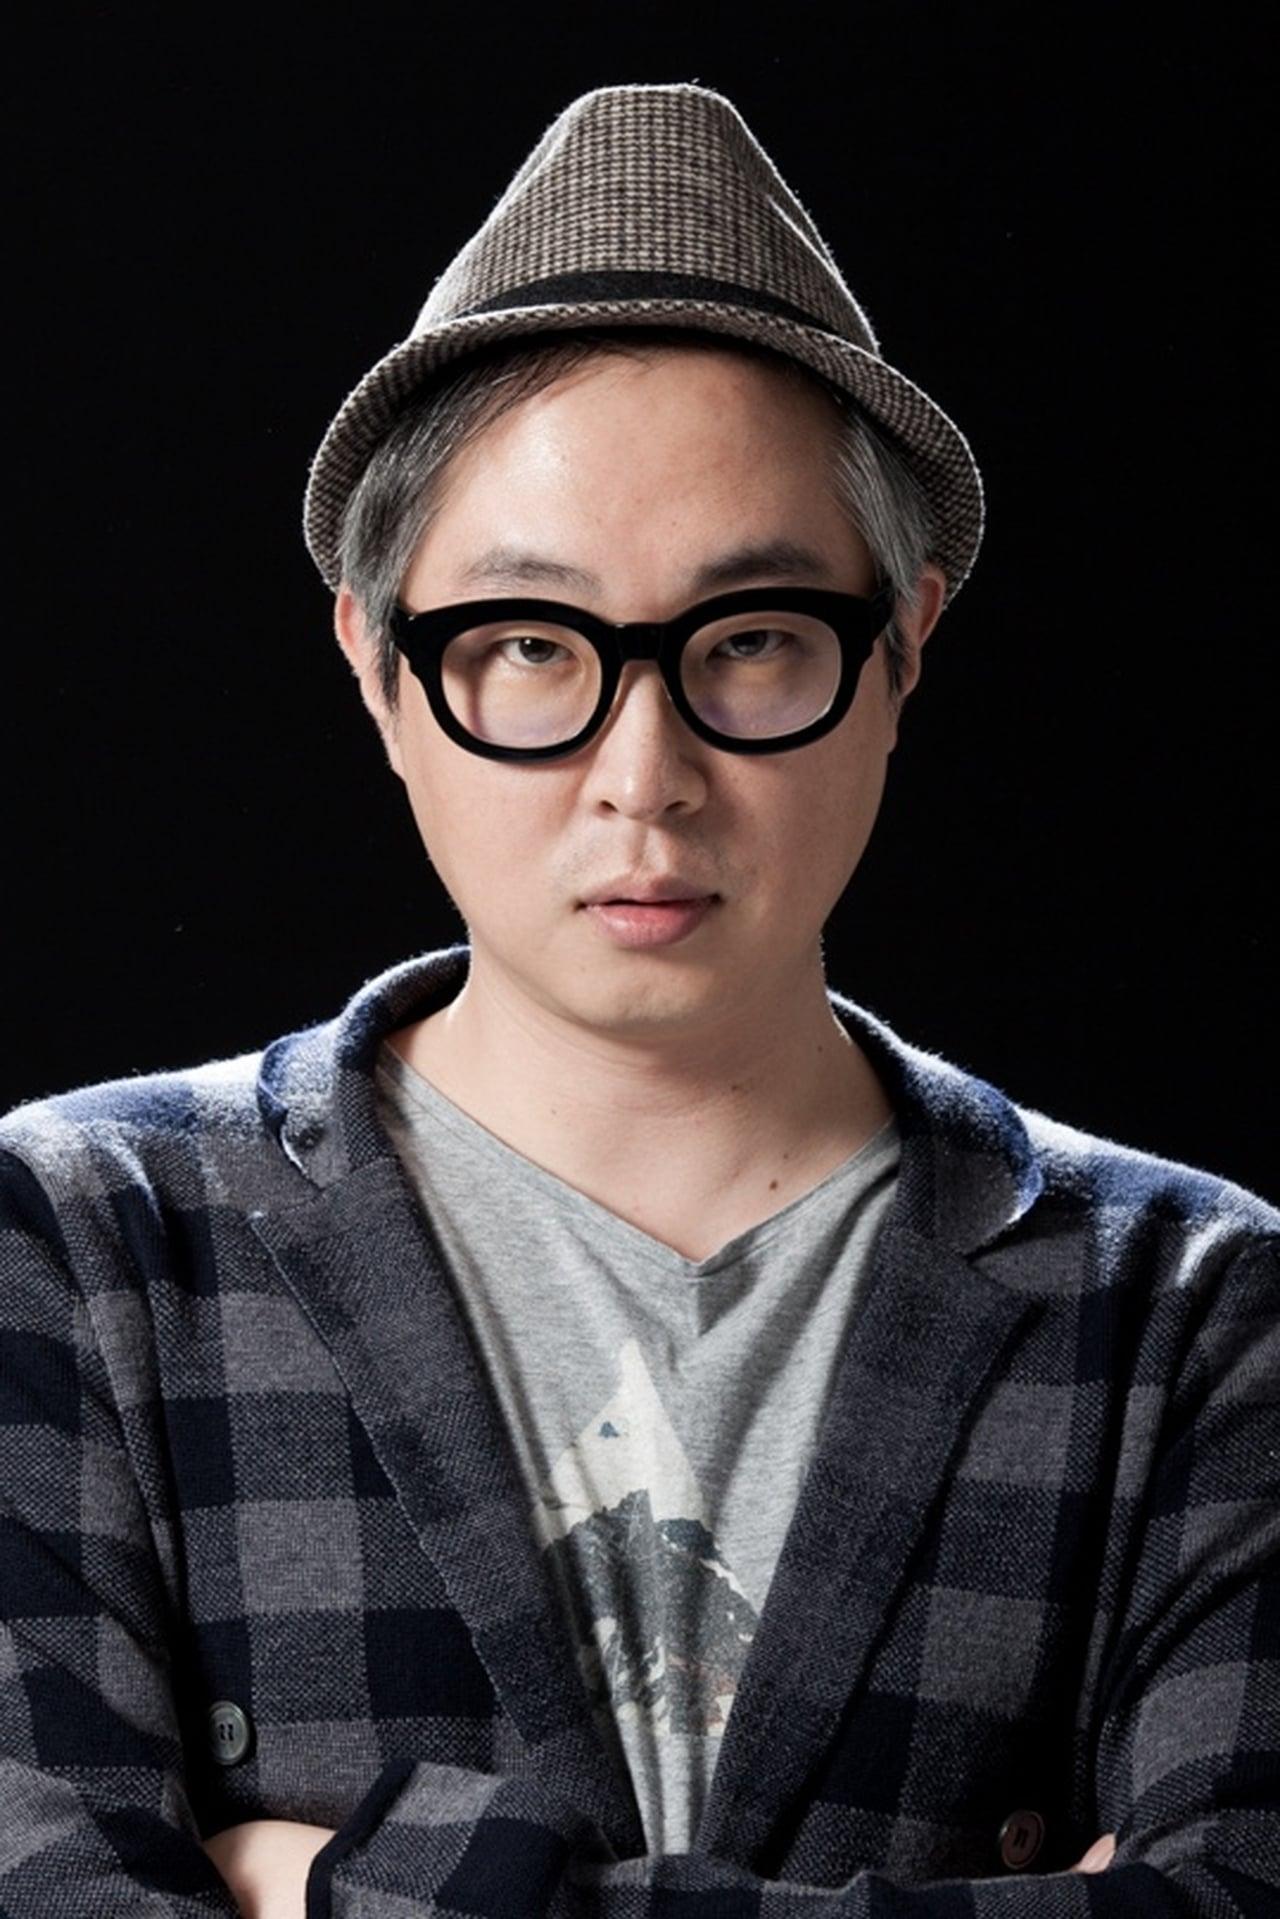 Kang Hyoung-chul